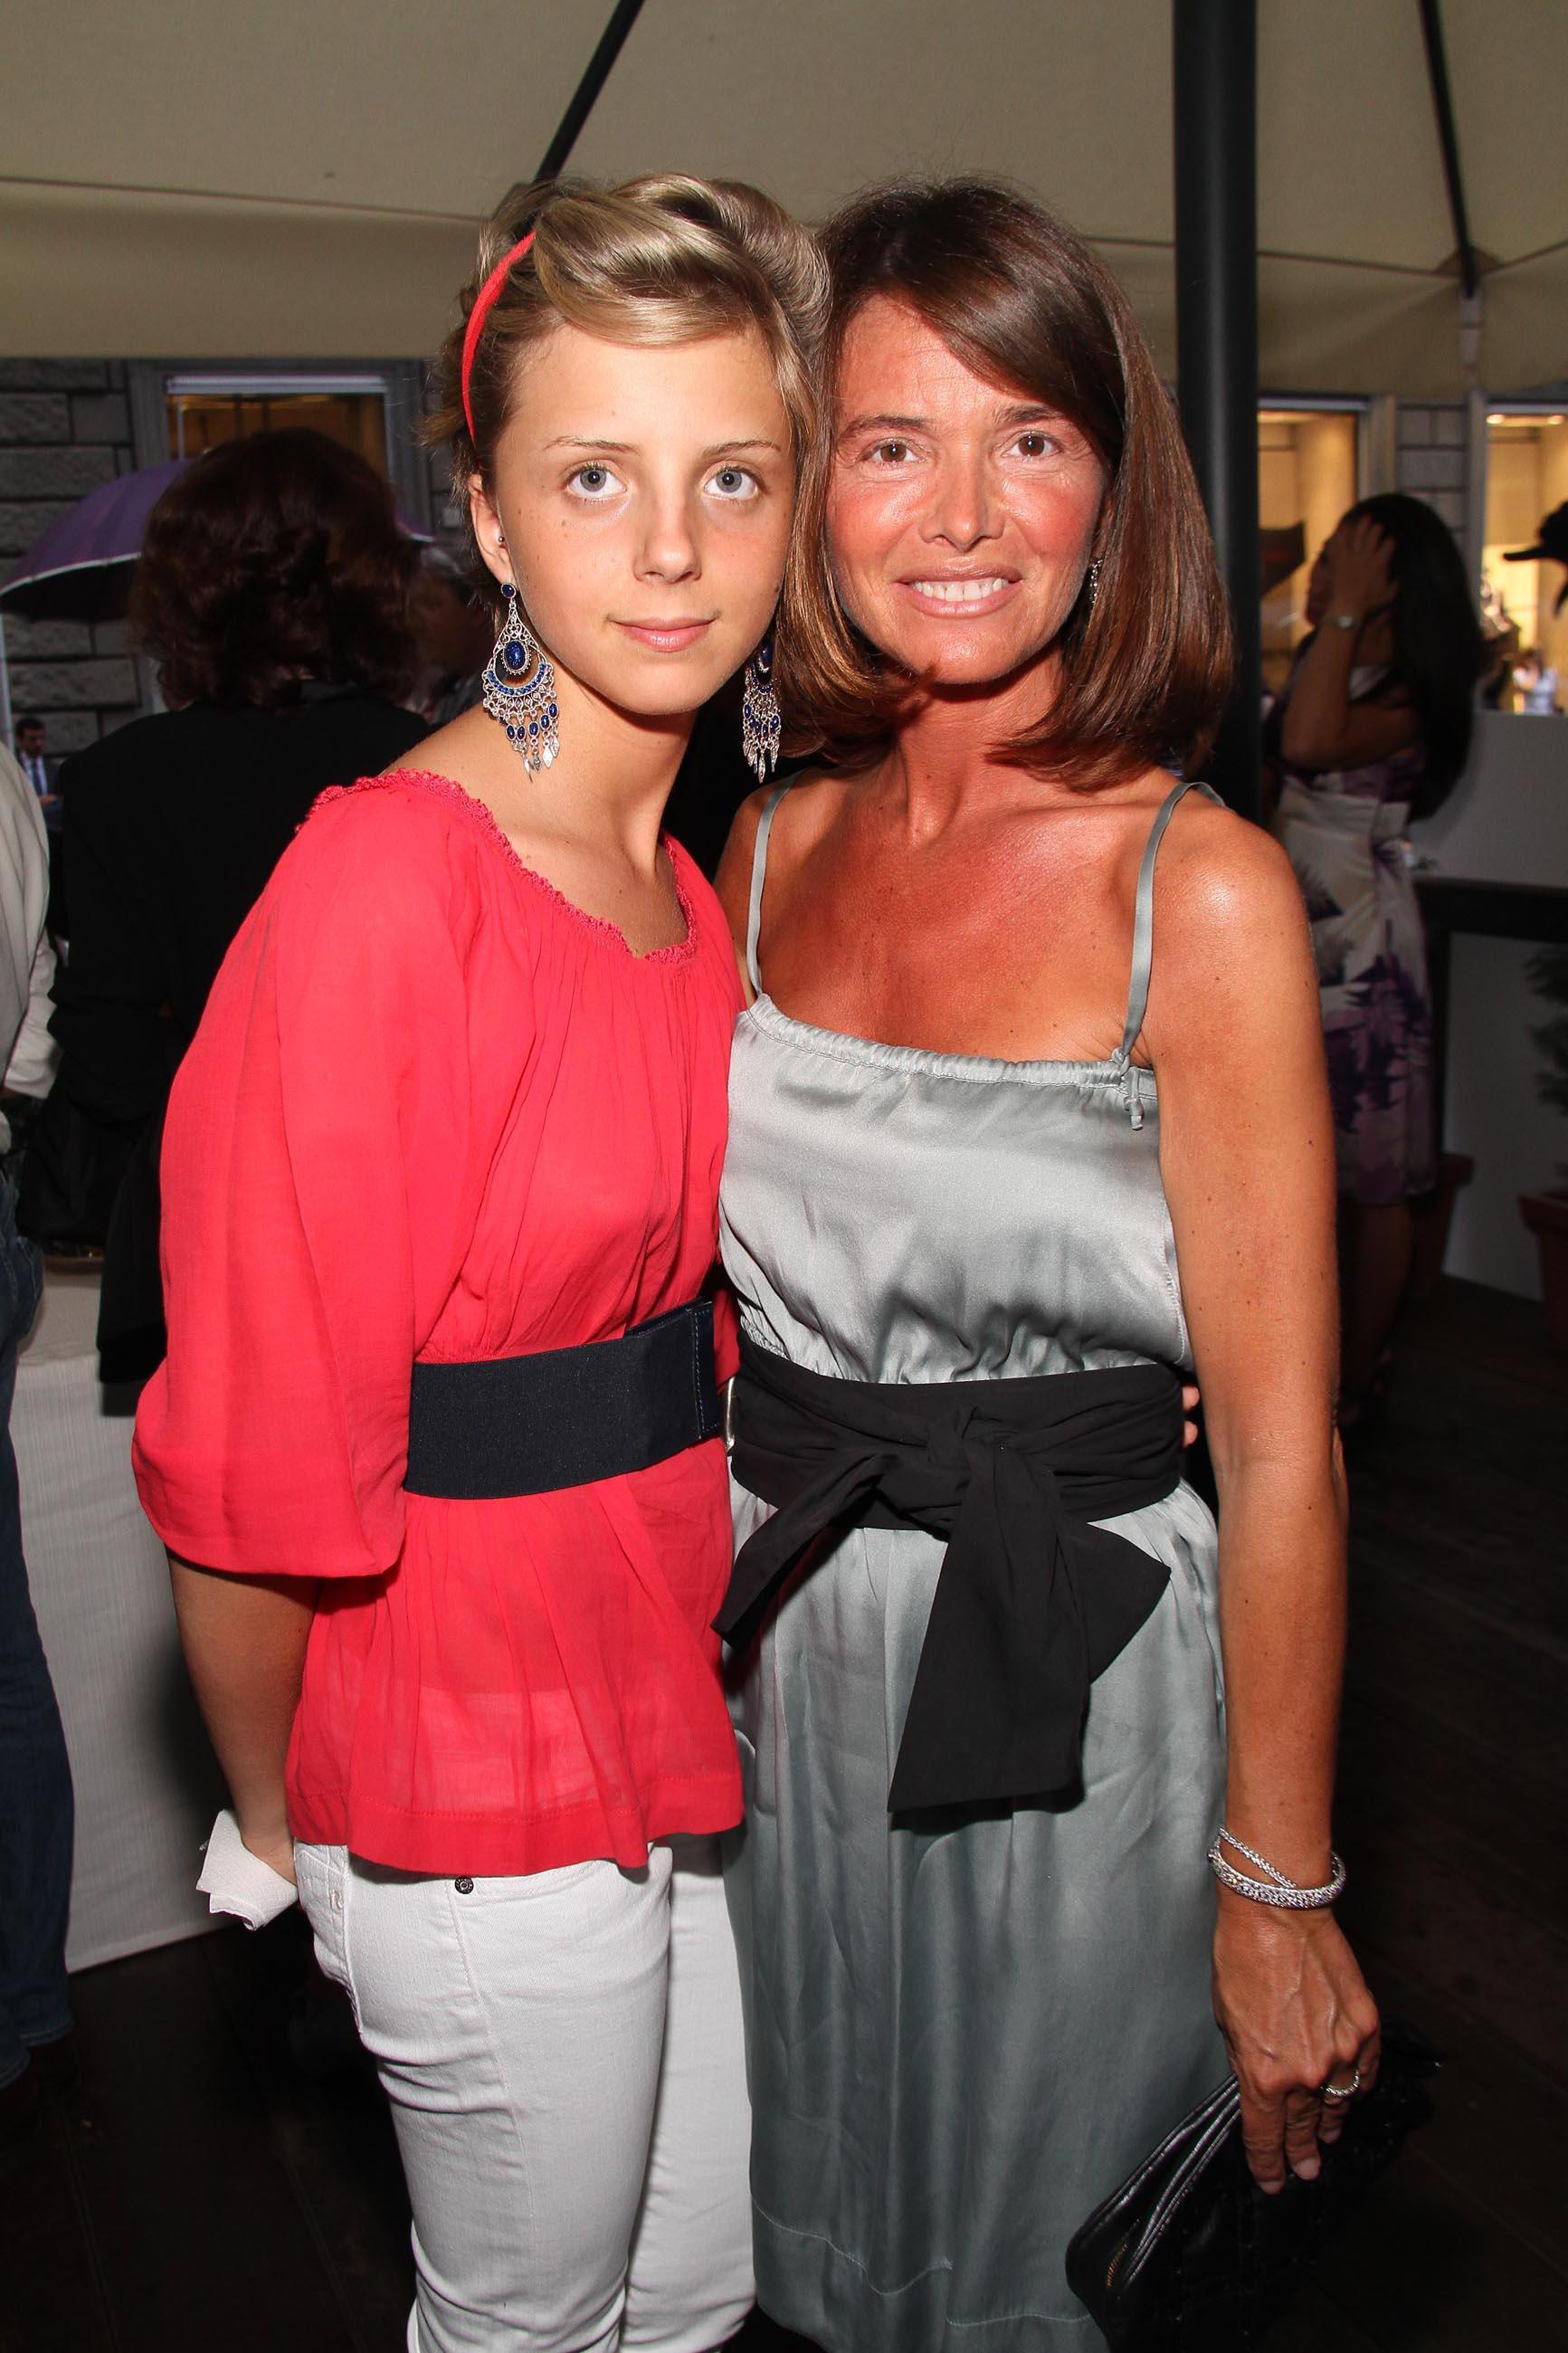 PRESSPHOTO Firenze, Evento Milord Aston Martin. Nella foto Vittoria Orsatti e Elena Giulia Monzecchi